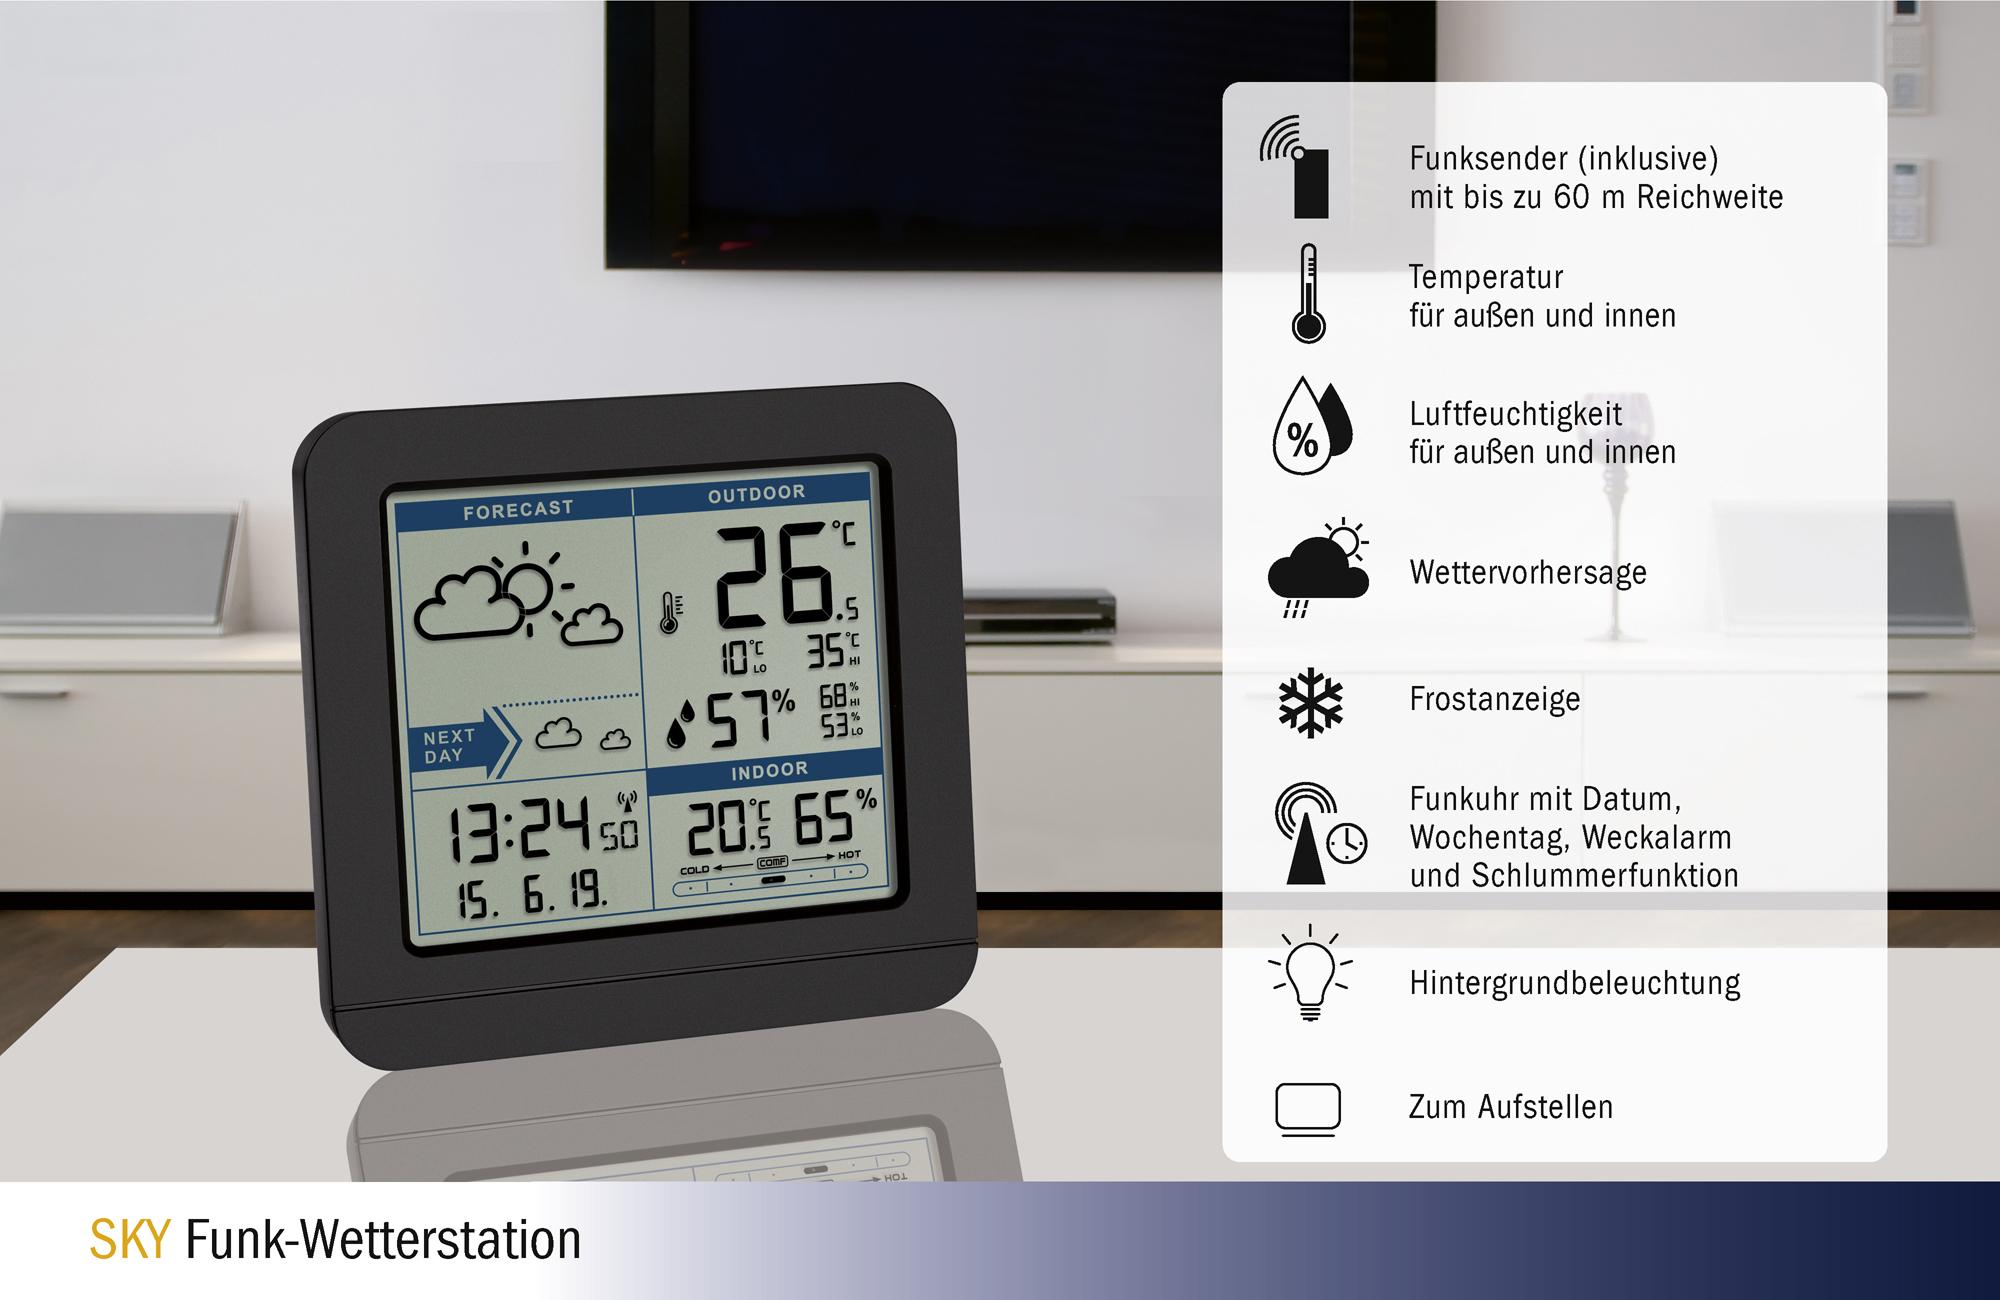 SKY_Funkwwetterstation_35115201_Icons.jpg